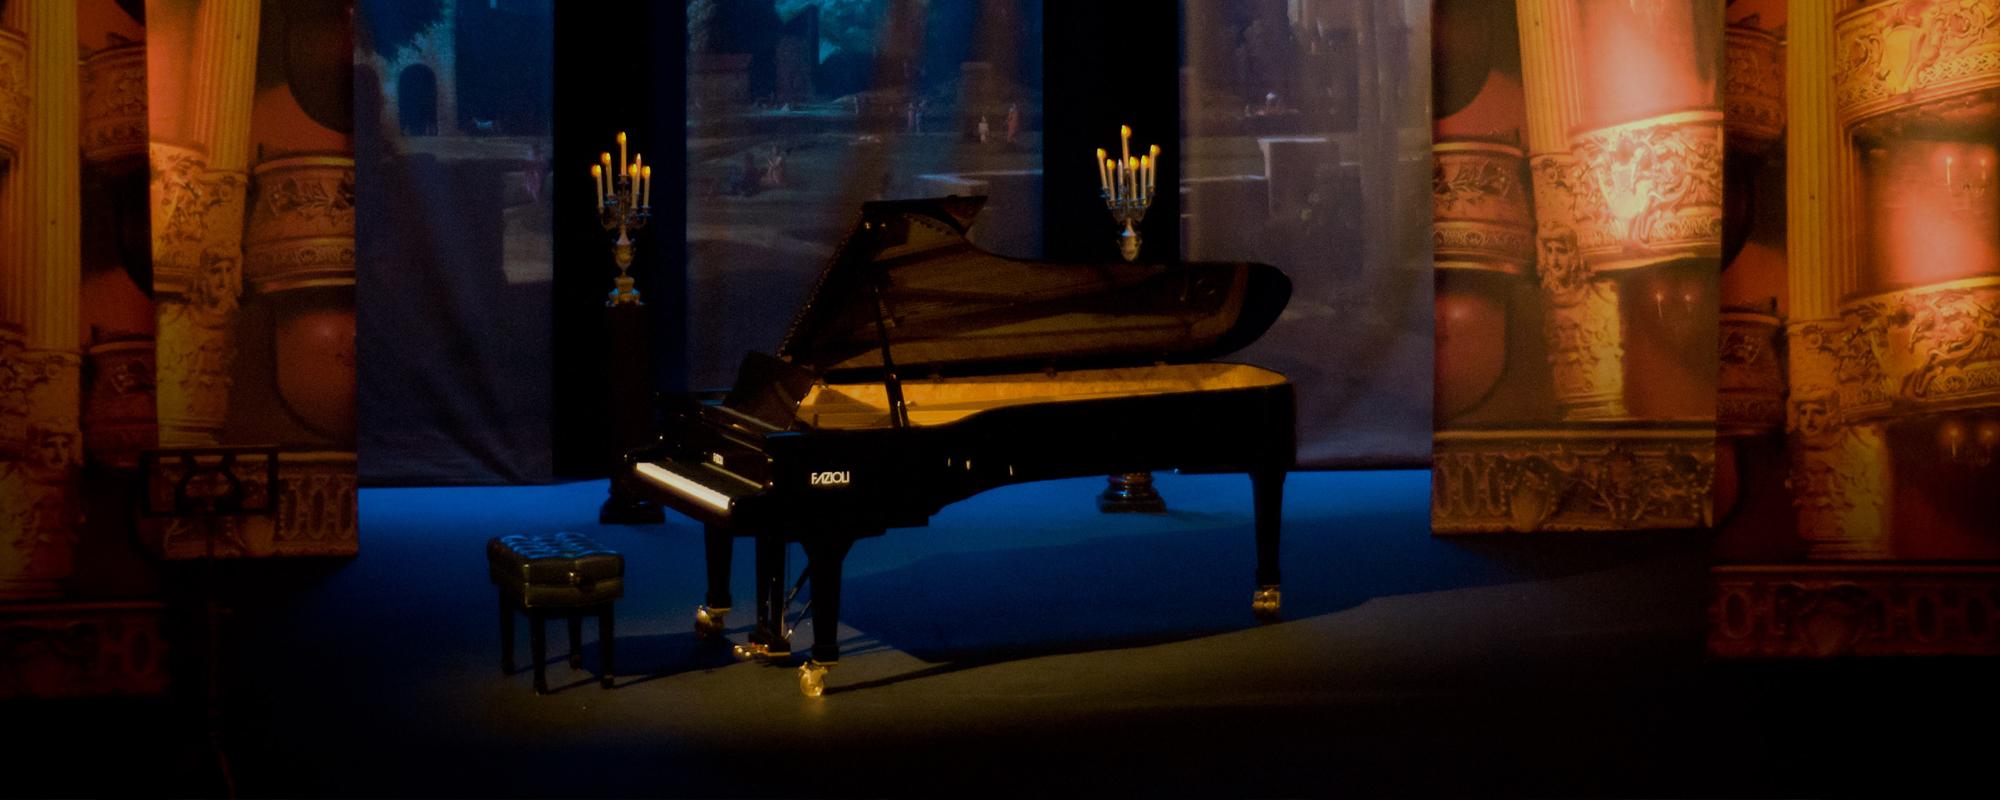 London Festival Opera venue